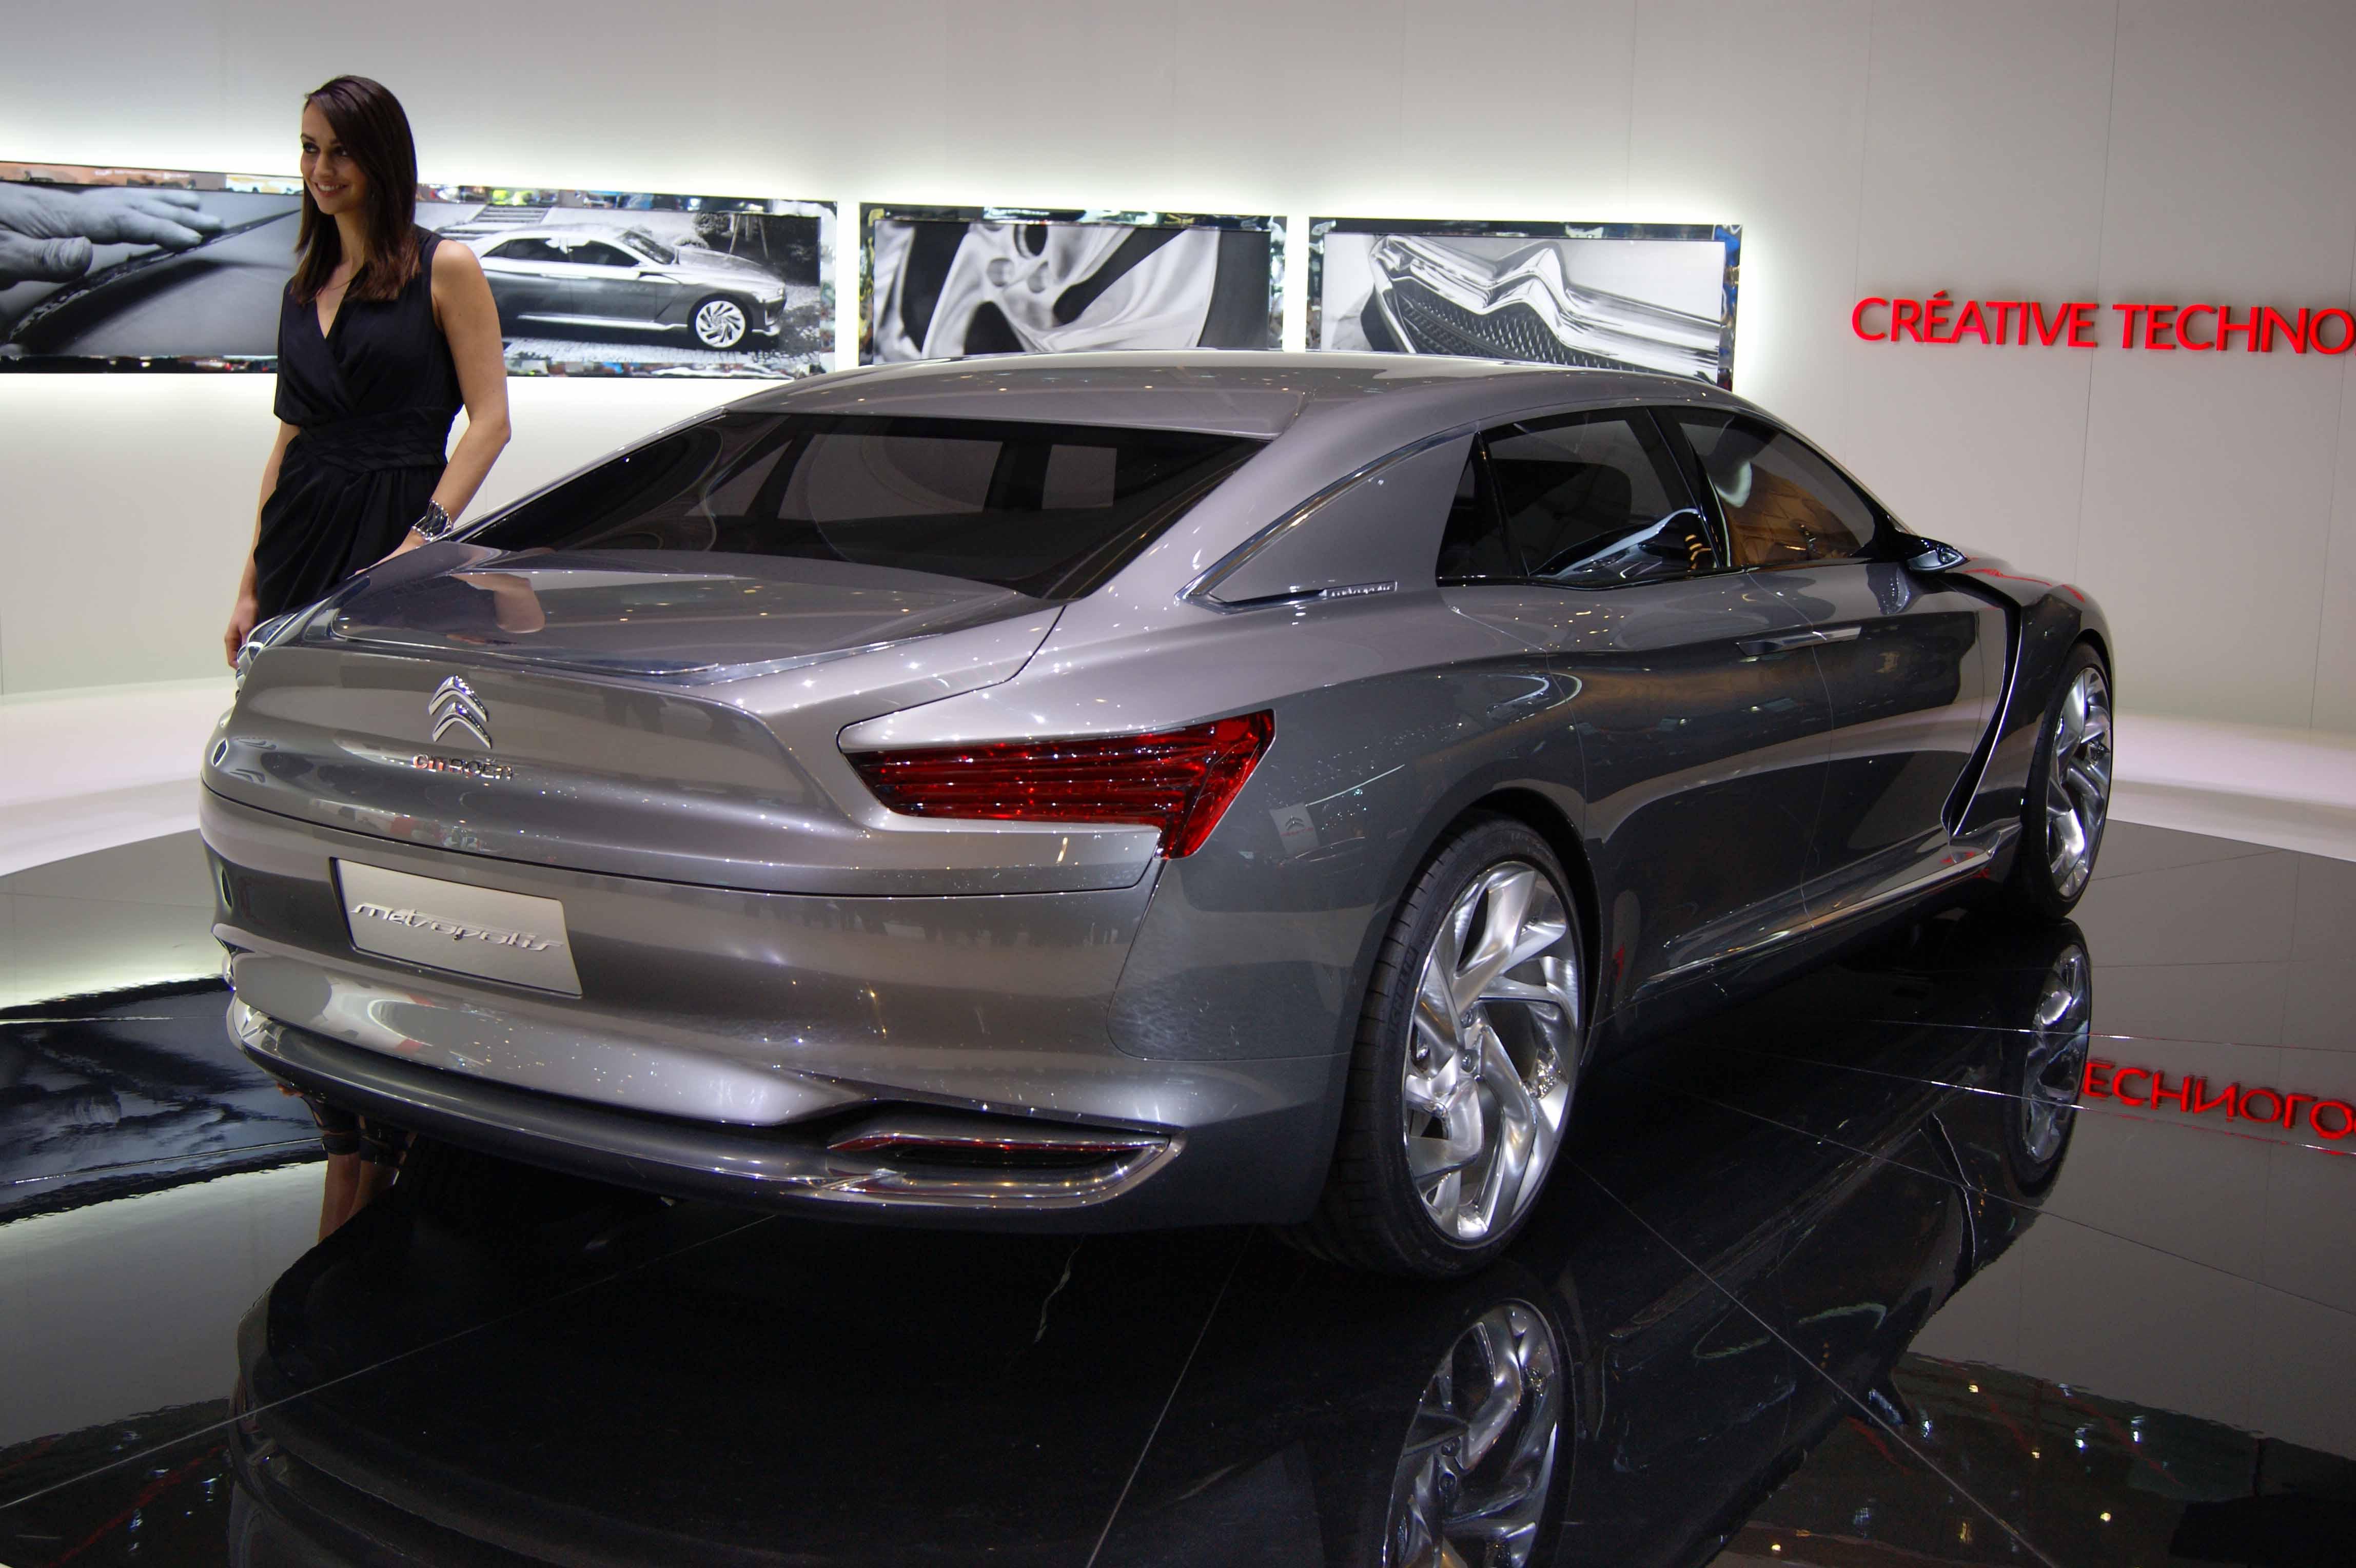 Citroen-Metropolis-concept-3-4-arriere-droit.jpg